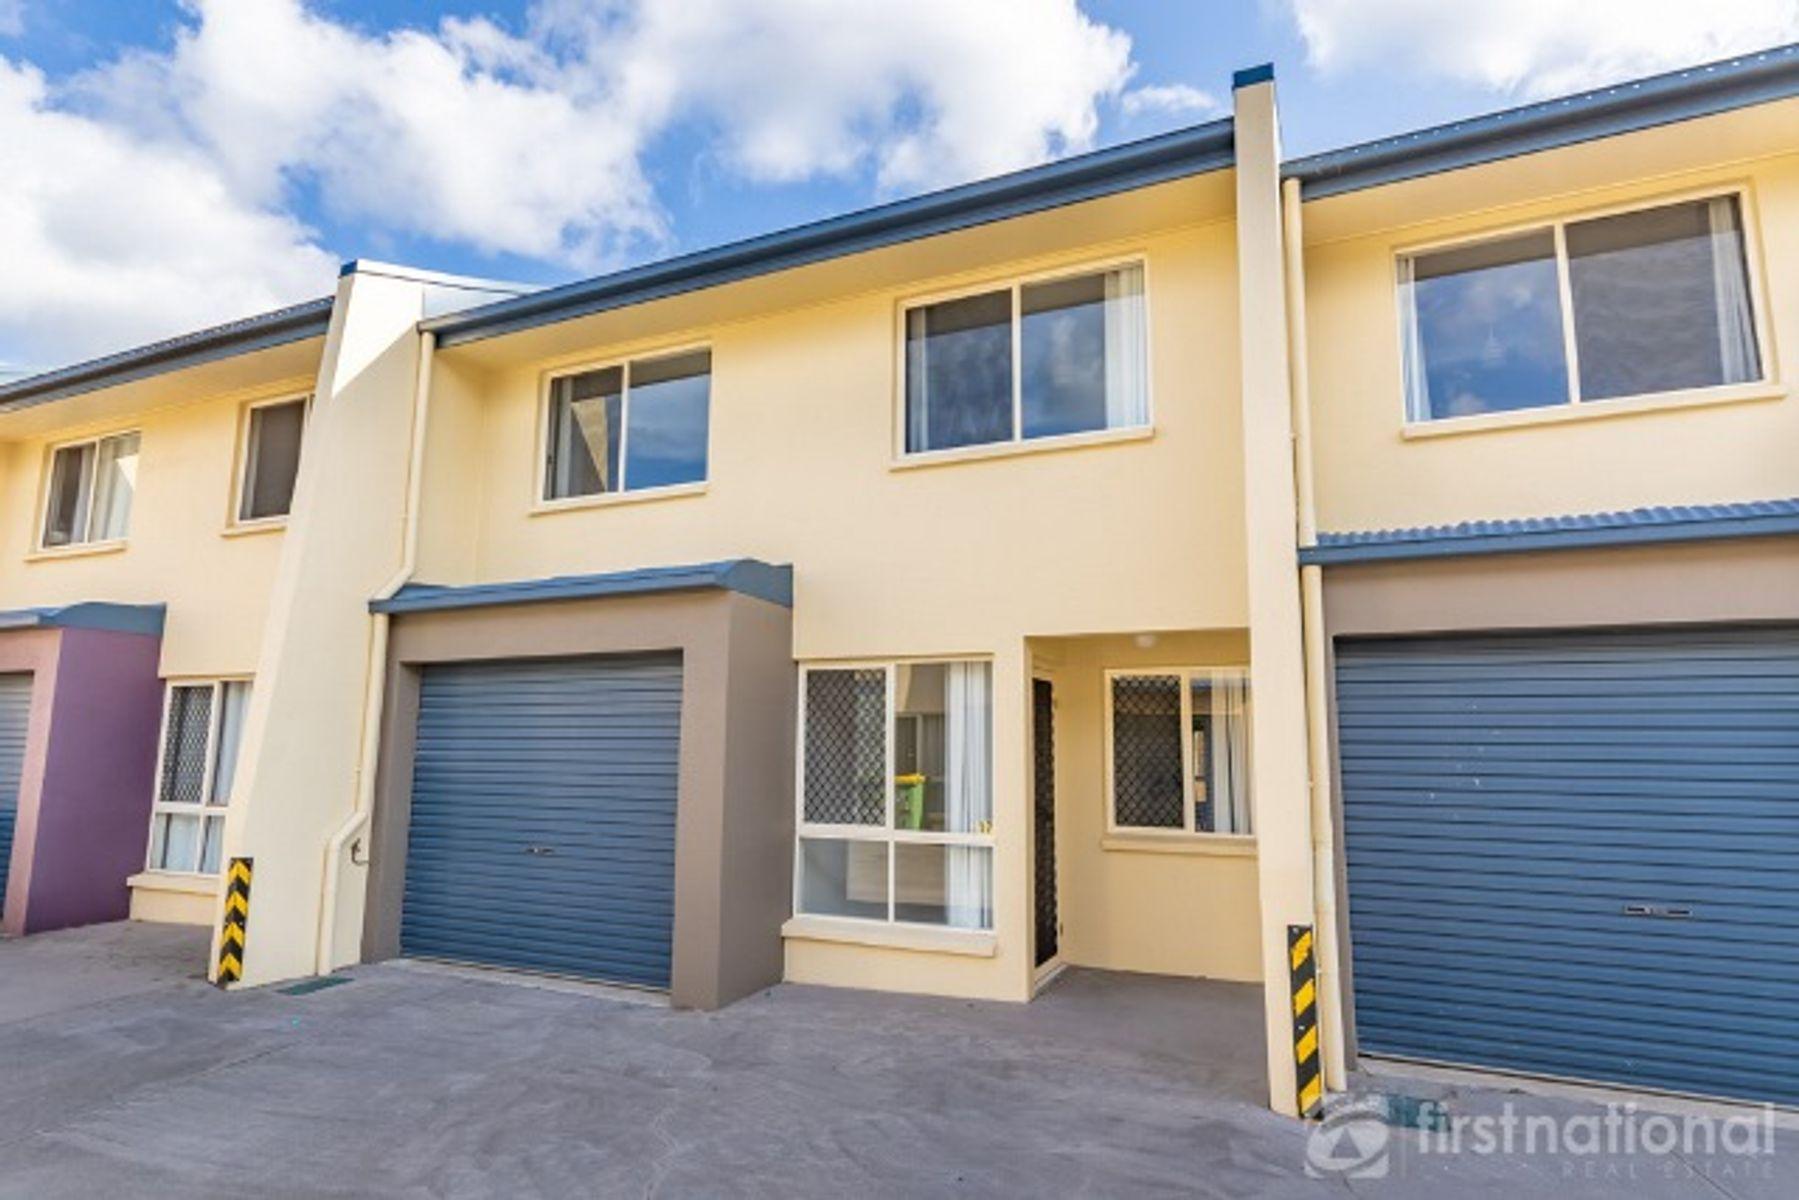 05/84 Simpson Street, Beerwah, QLD 4519